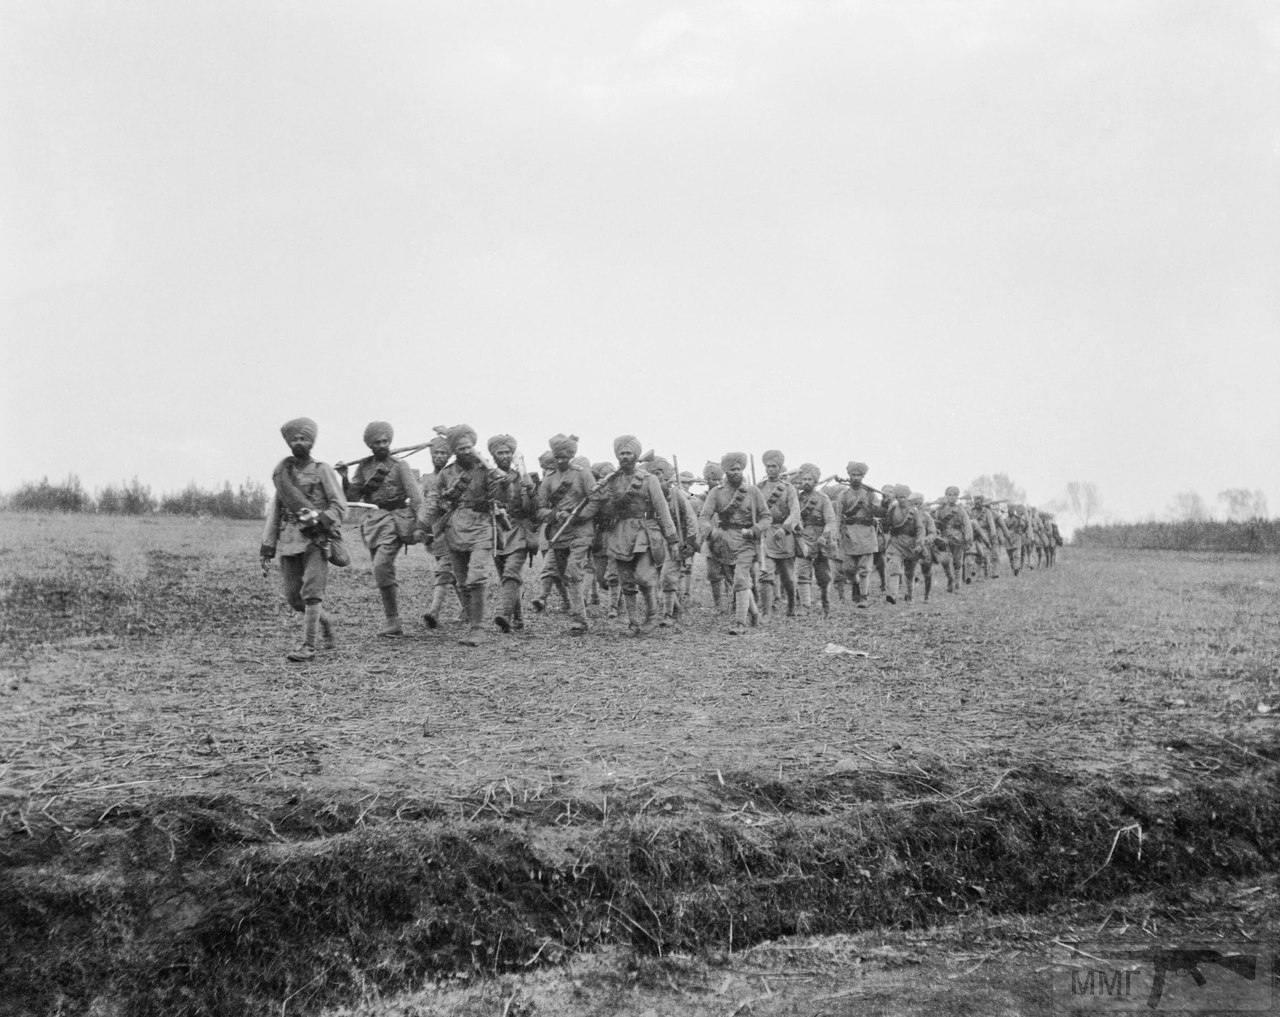 19240 - Бойцы 129-го Герцога Коннахтского Собственного Белуджского полка (129th Duke of Connaught's Own Baluchis) идут к окопам в районе замка Холлебеке, Бельгия